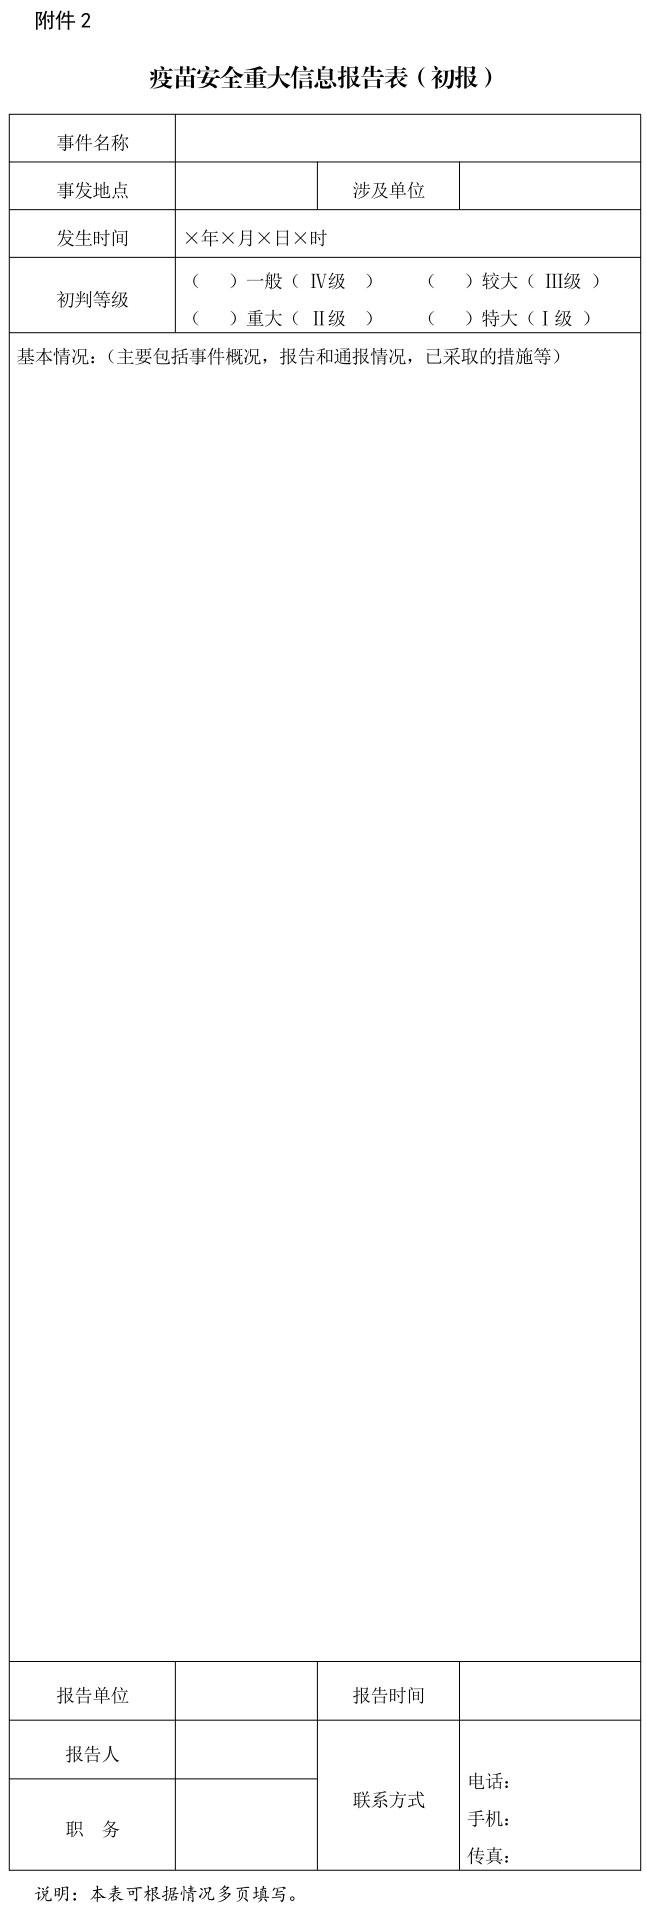 附件2.jpg